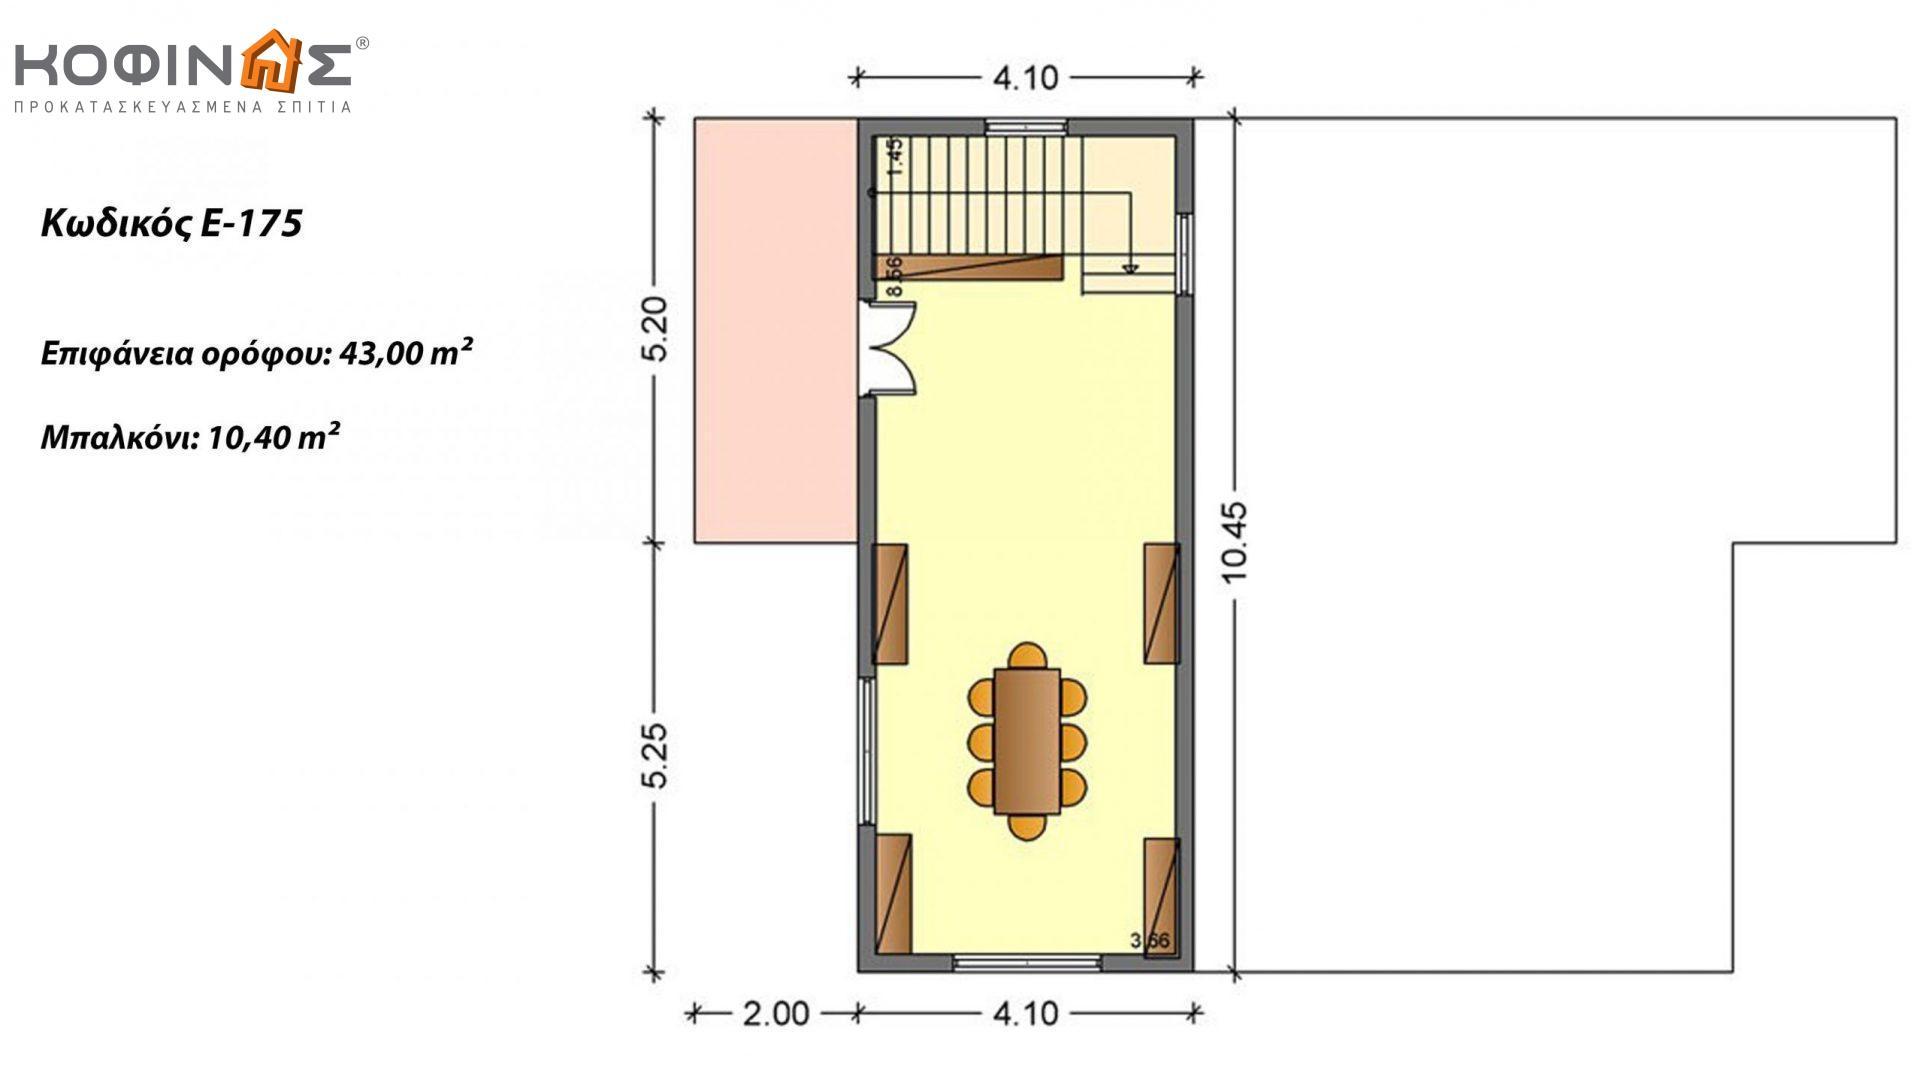 Διώροφο Κτήριο Γραφείων E-175, συνολικής επιφάνειας 175,50 τ.μ. ,συνολική επιφάνεια στεγασμένων χώρων 27,00 τ.μ., μπαλκόνι 10,40 τ.μ.